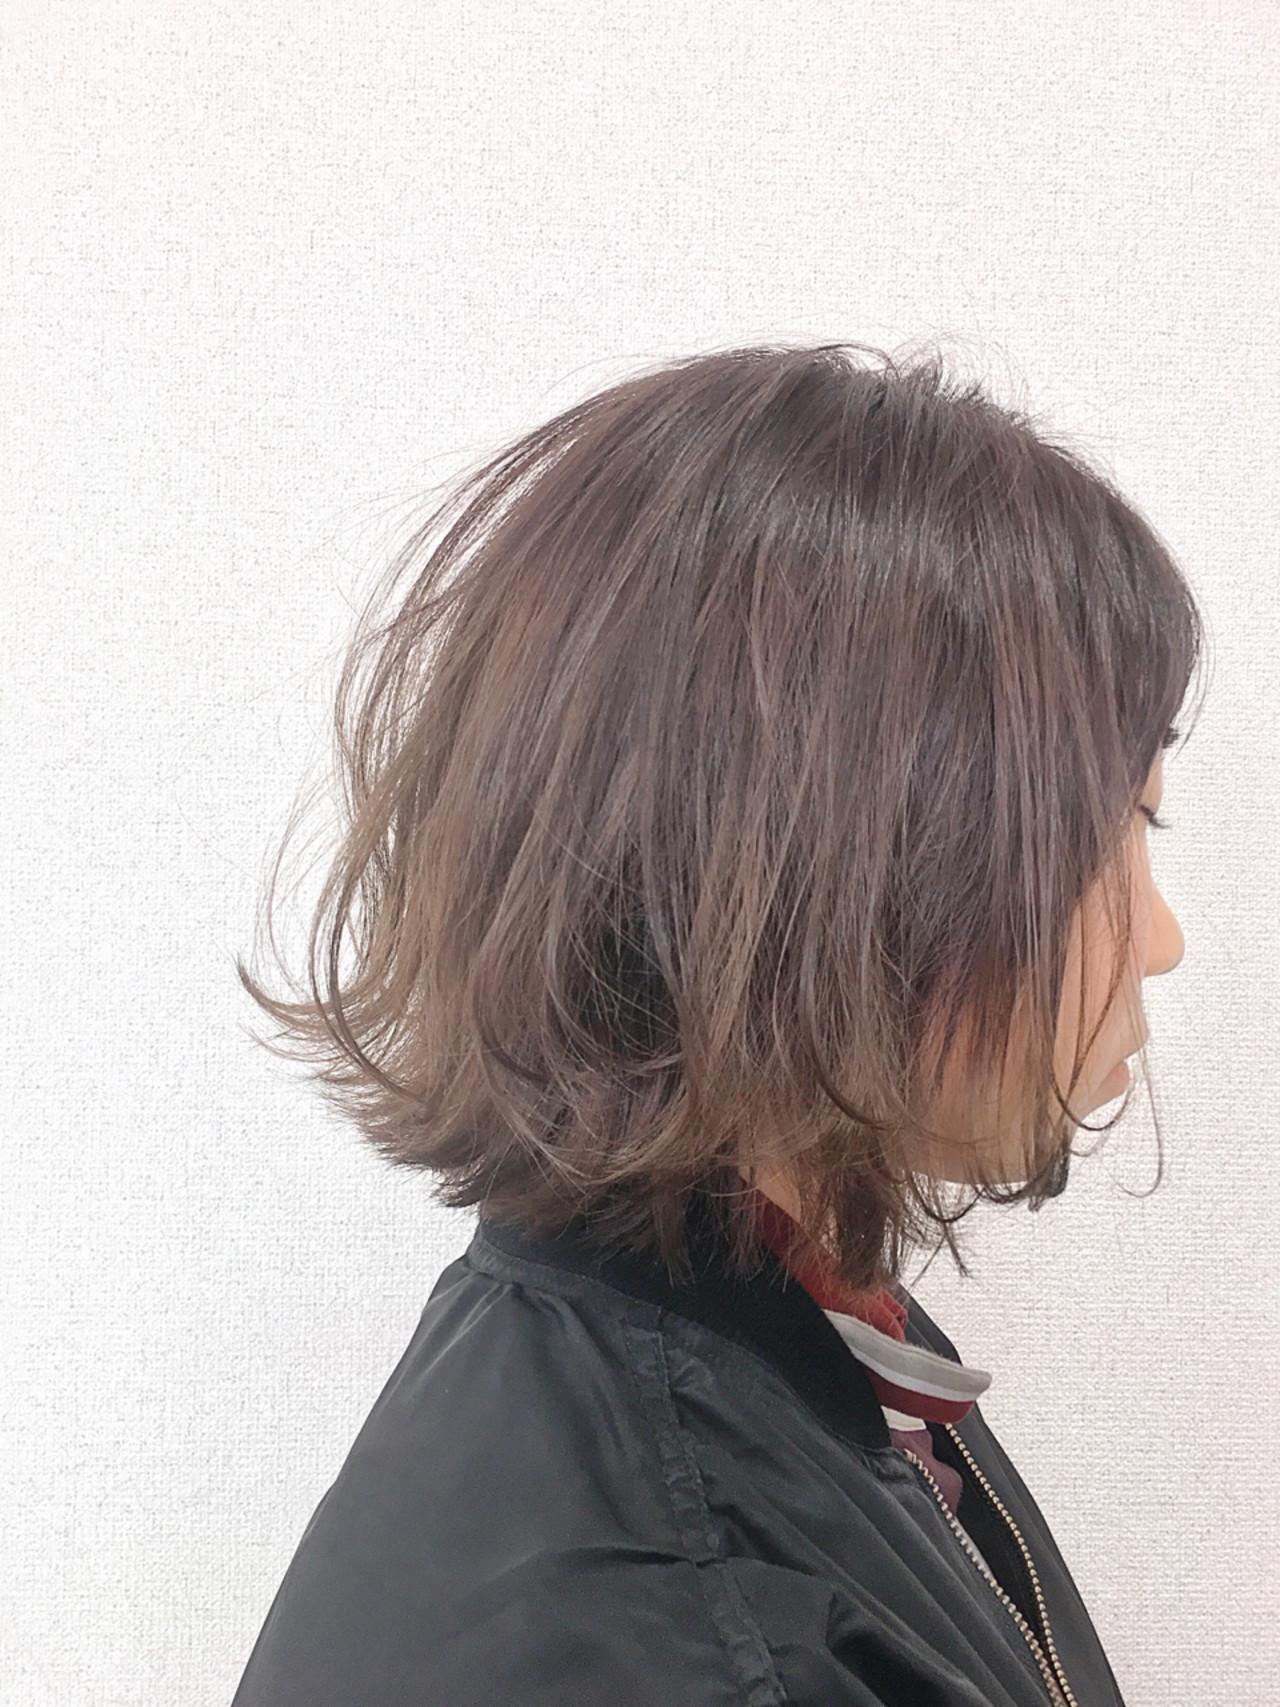 大人女子 ボブ アッシュ ハイライト ヘアスタイルや髪型の写真・画像